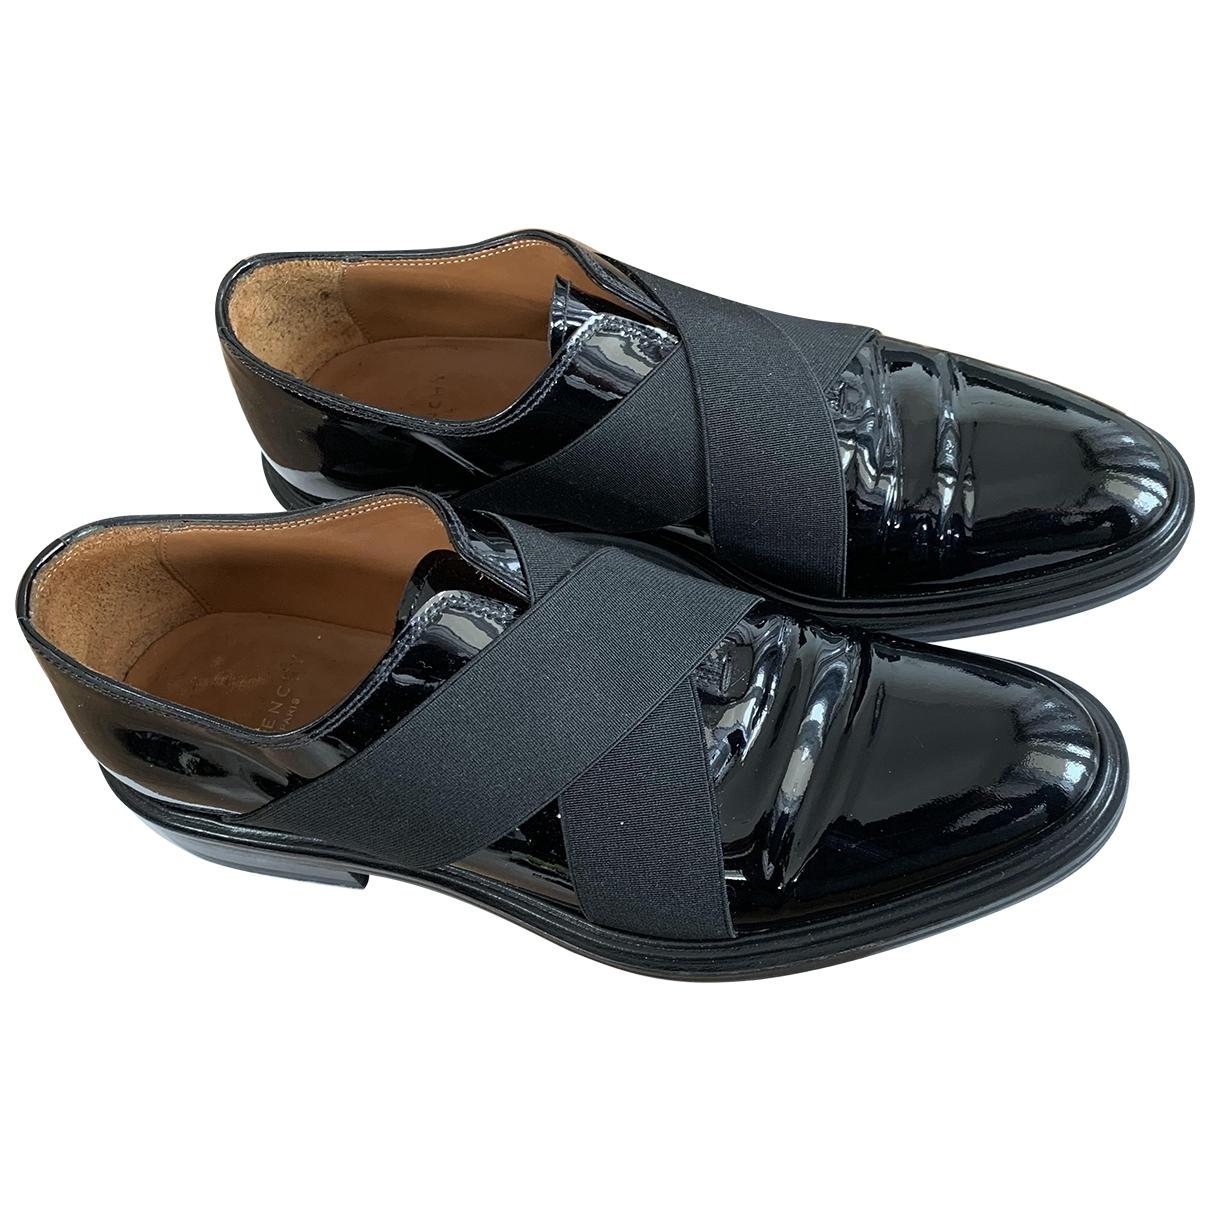 Givenchy - Derbies   pour homme en cuir verni - noir